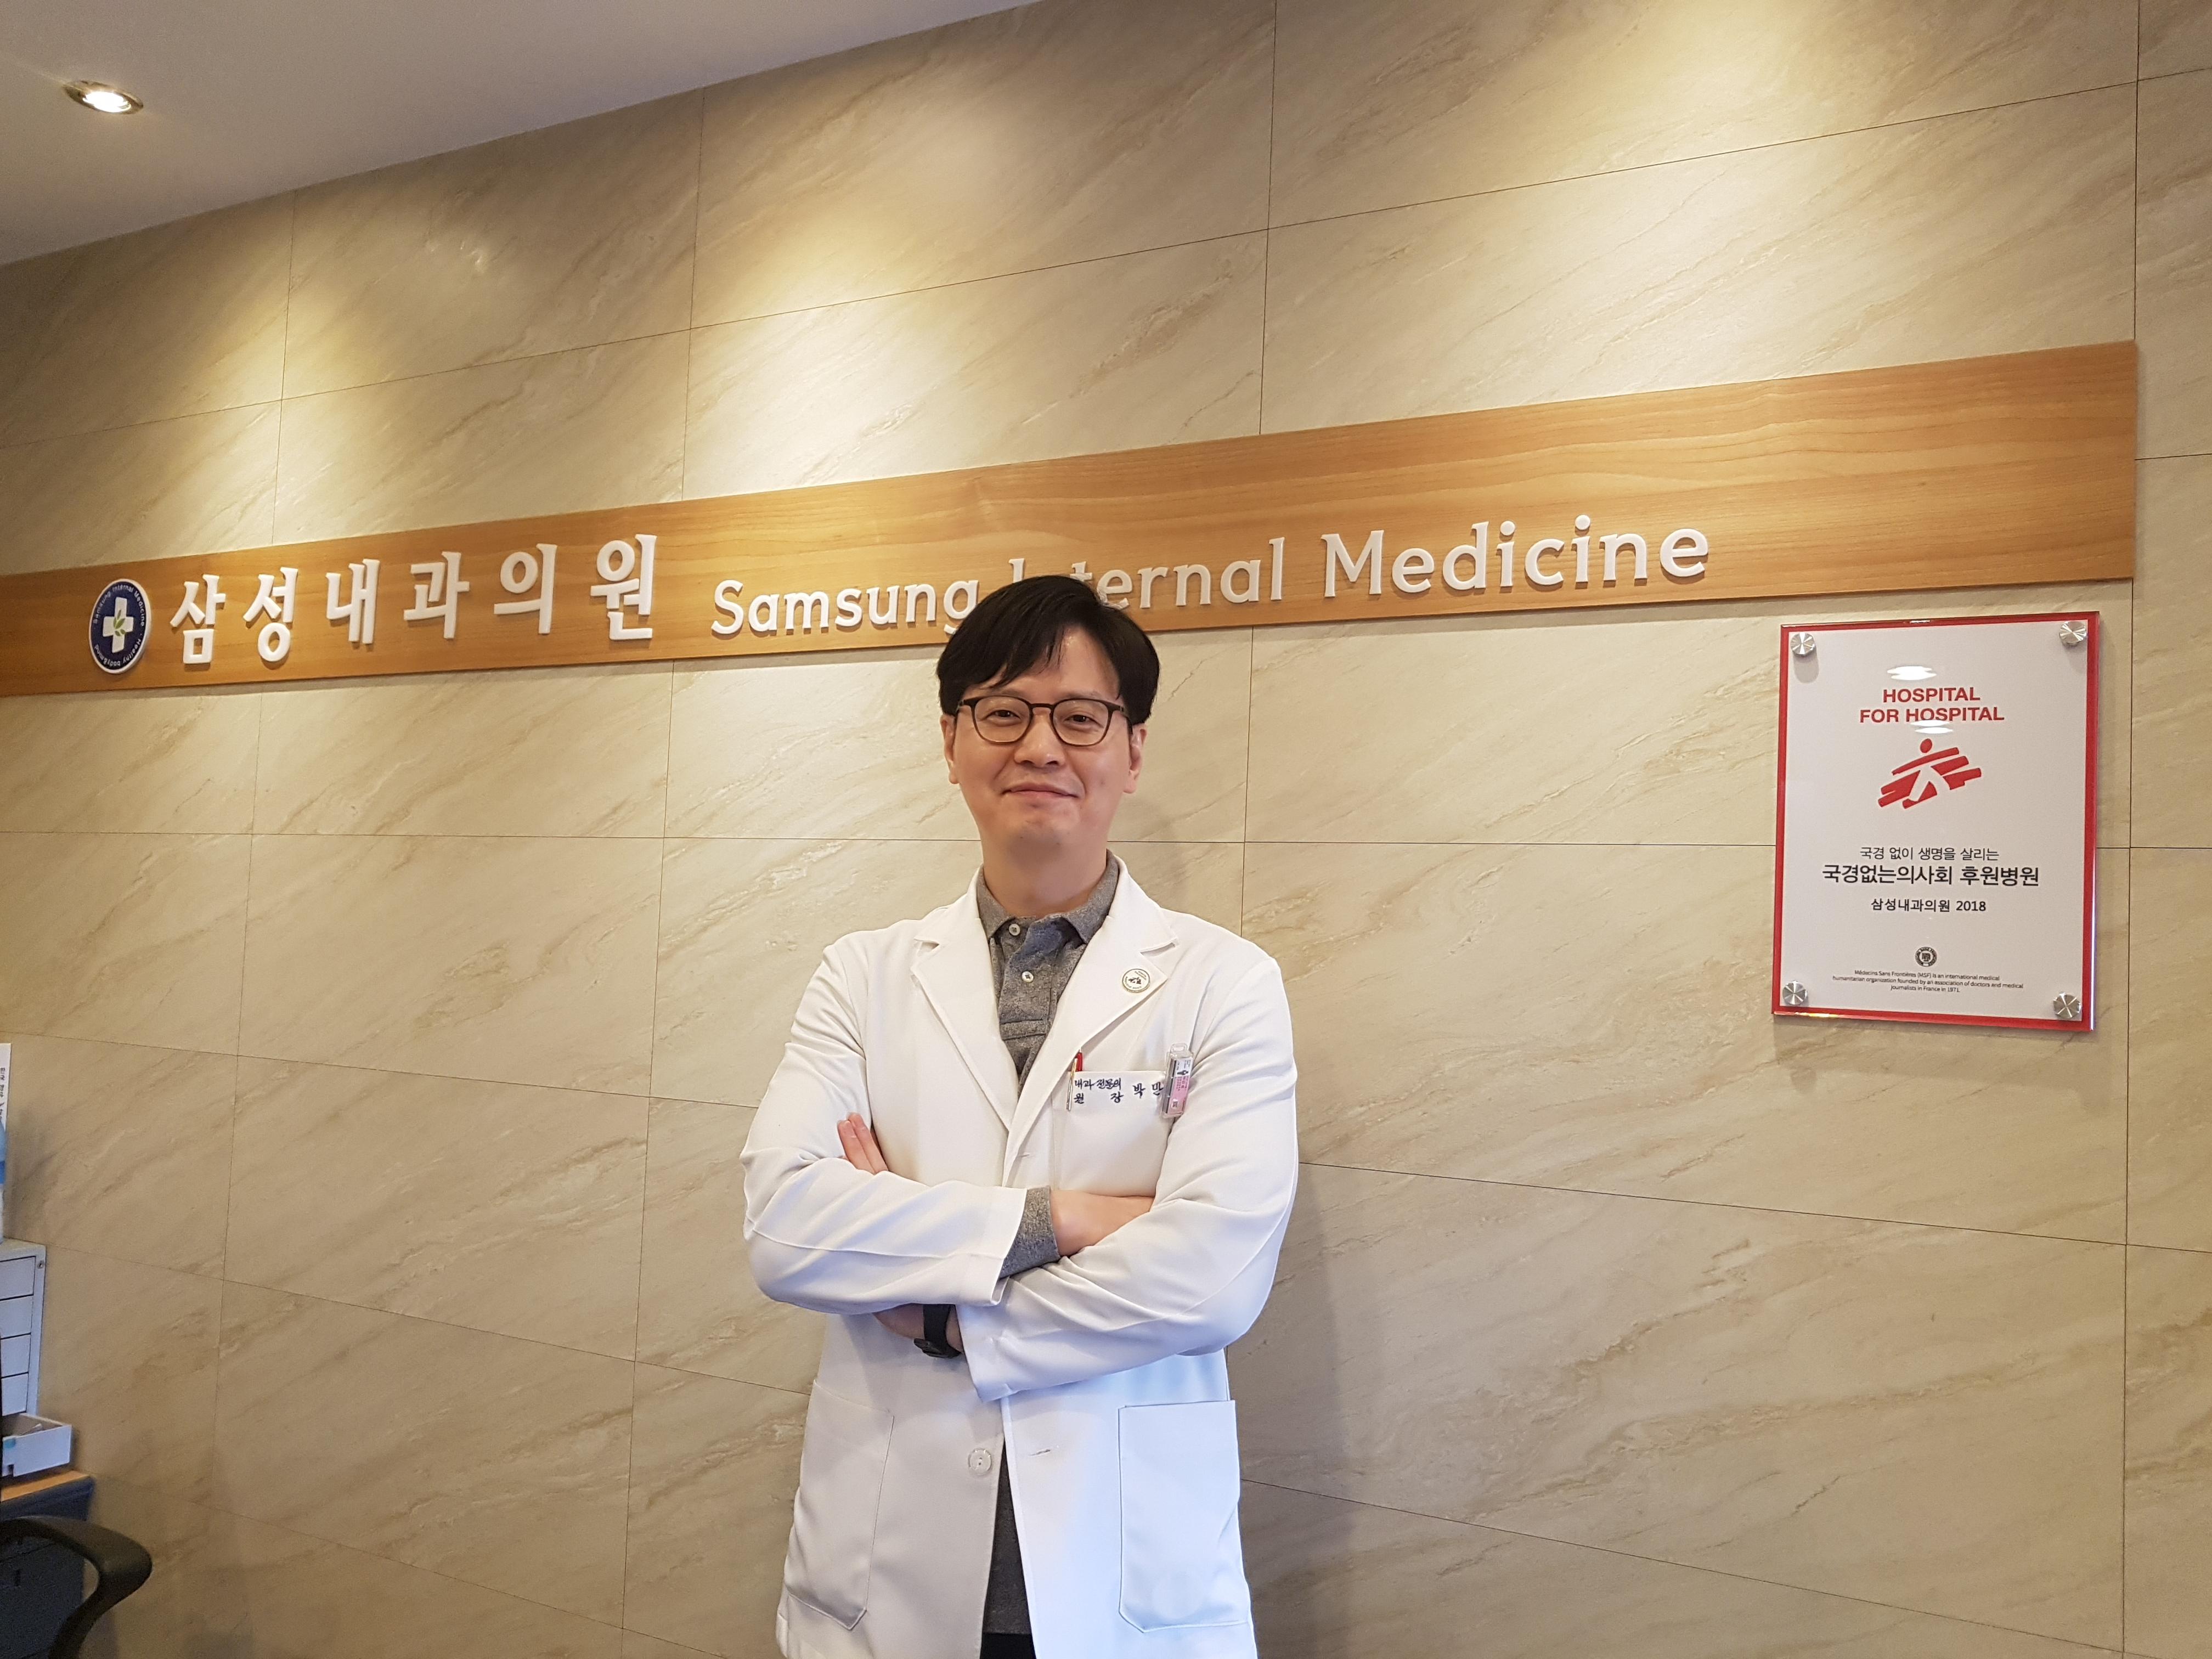 국경없는의사회 후원병원 삼성내과의원, 박만제 후원자님